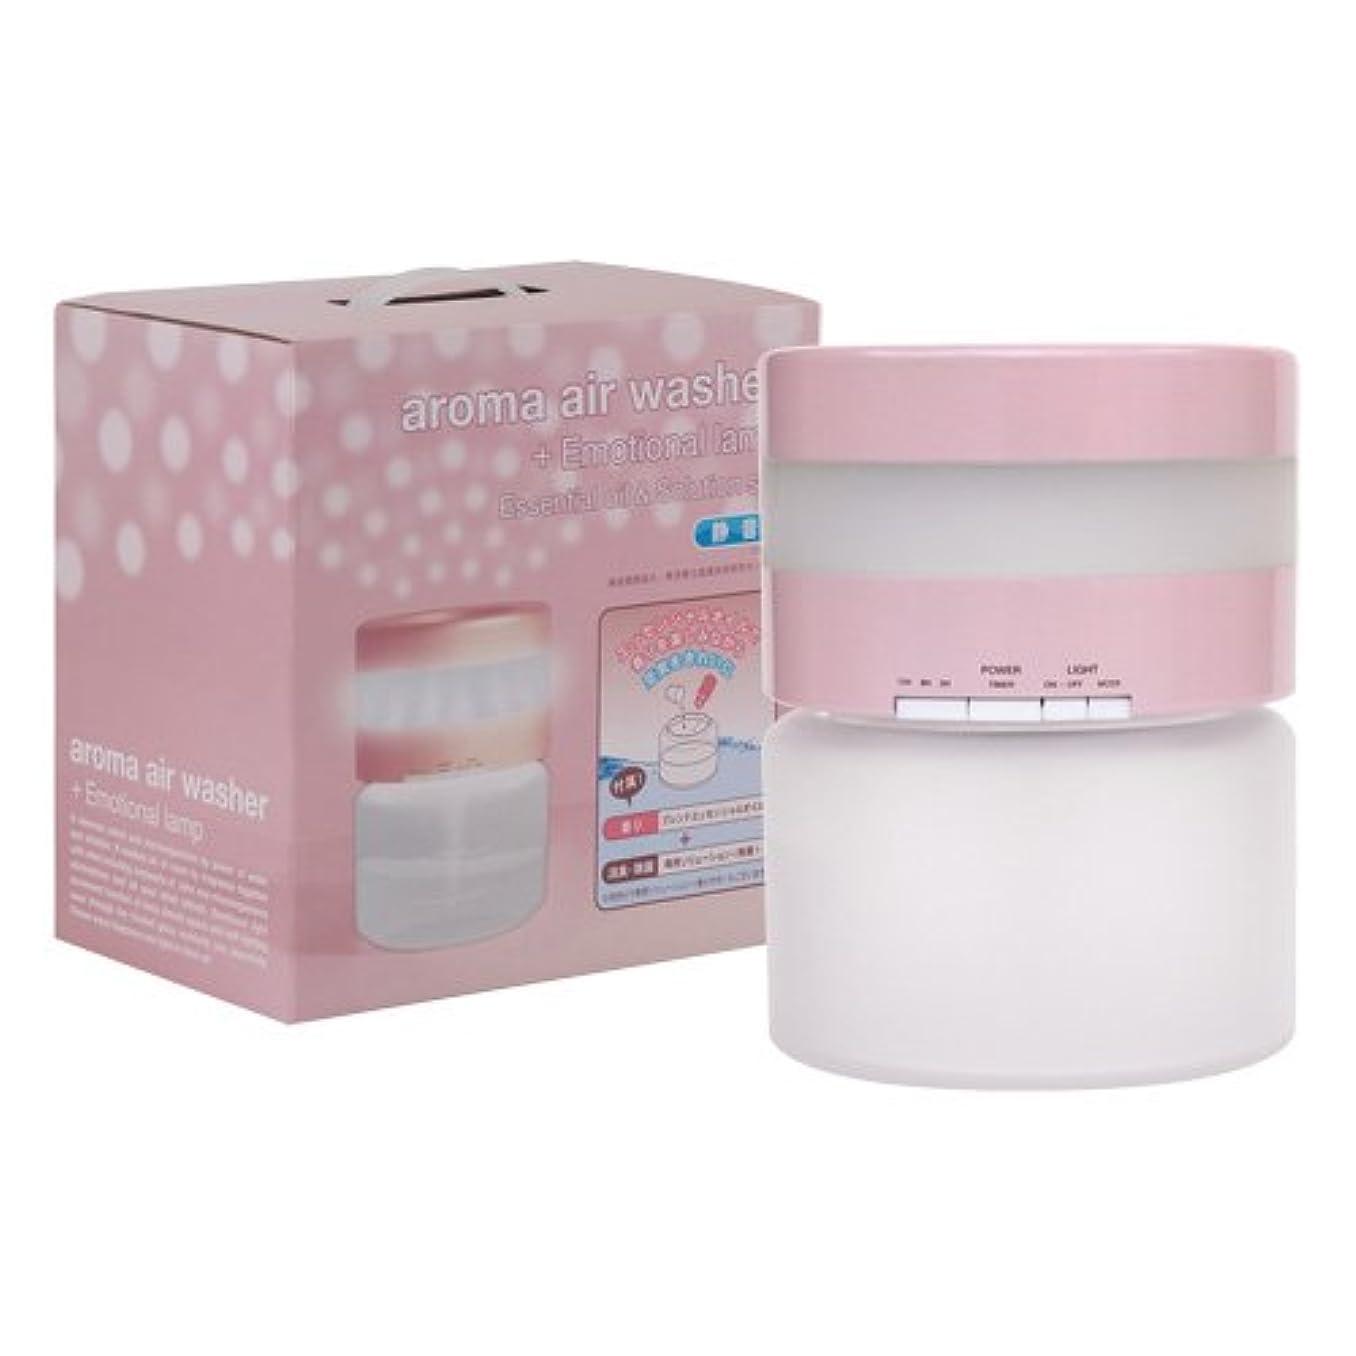 明確に抵抗する軍空気洗浄器 アロマエアウォッシャー + エモーショナルランプ ピンク